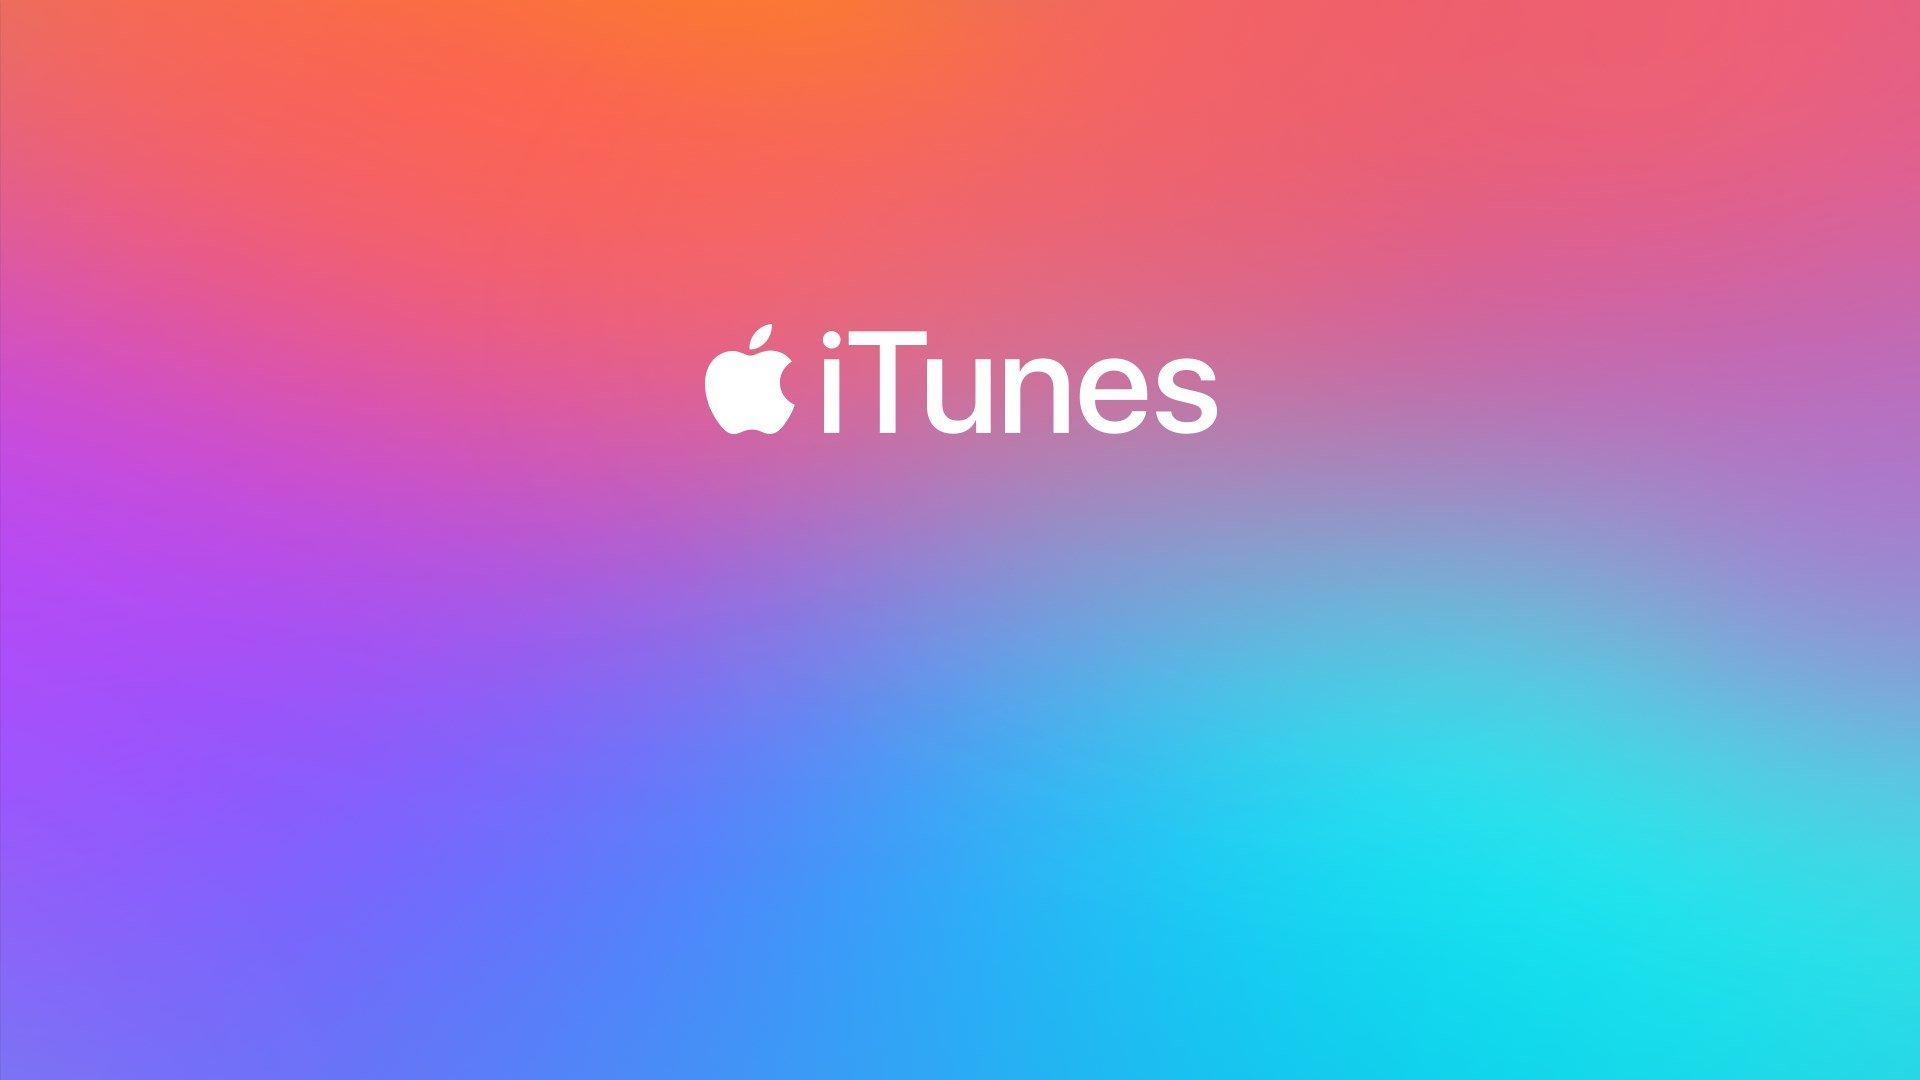 itunes - Apple sur le point de cesser iTunes pour proposer des applications séparées